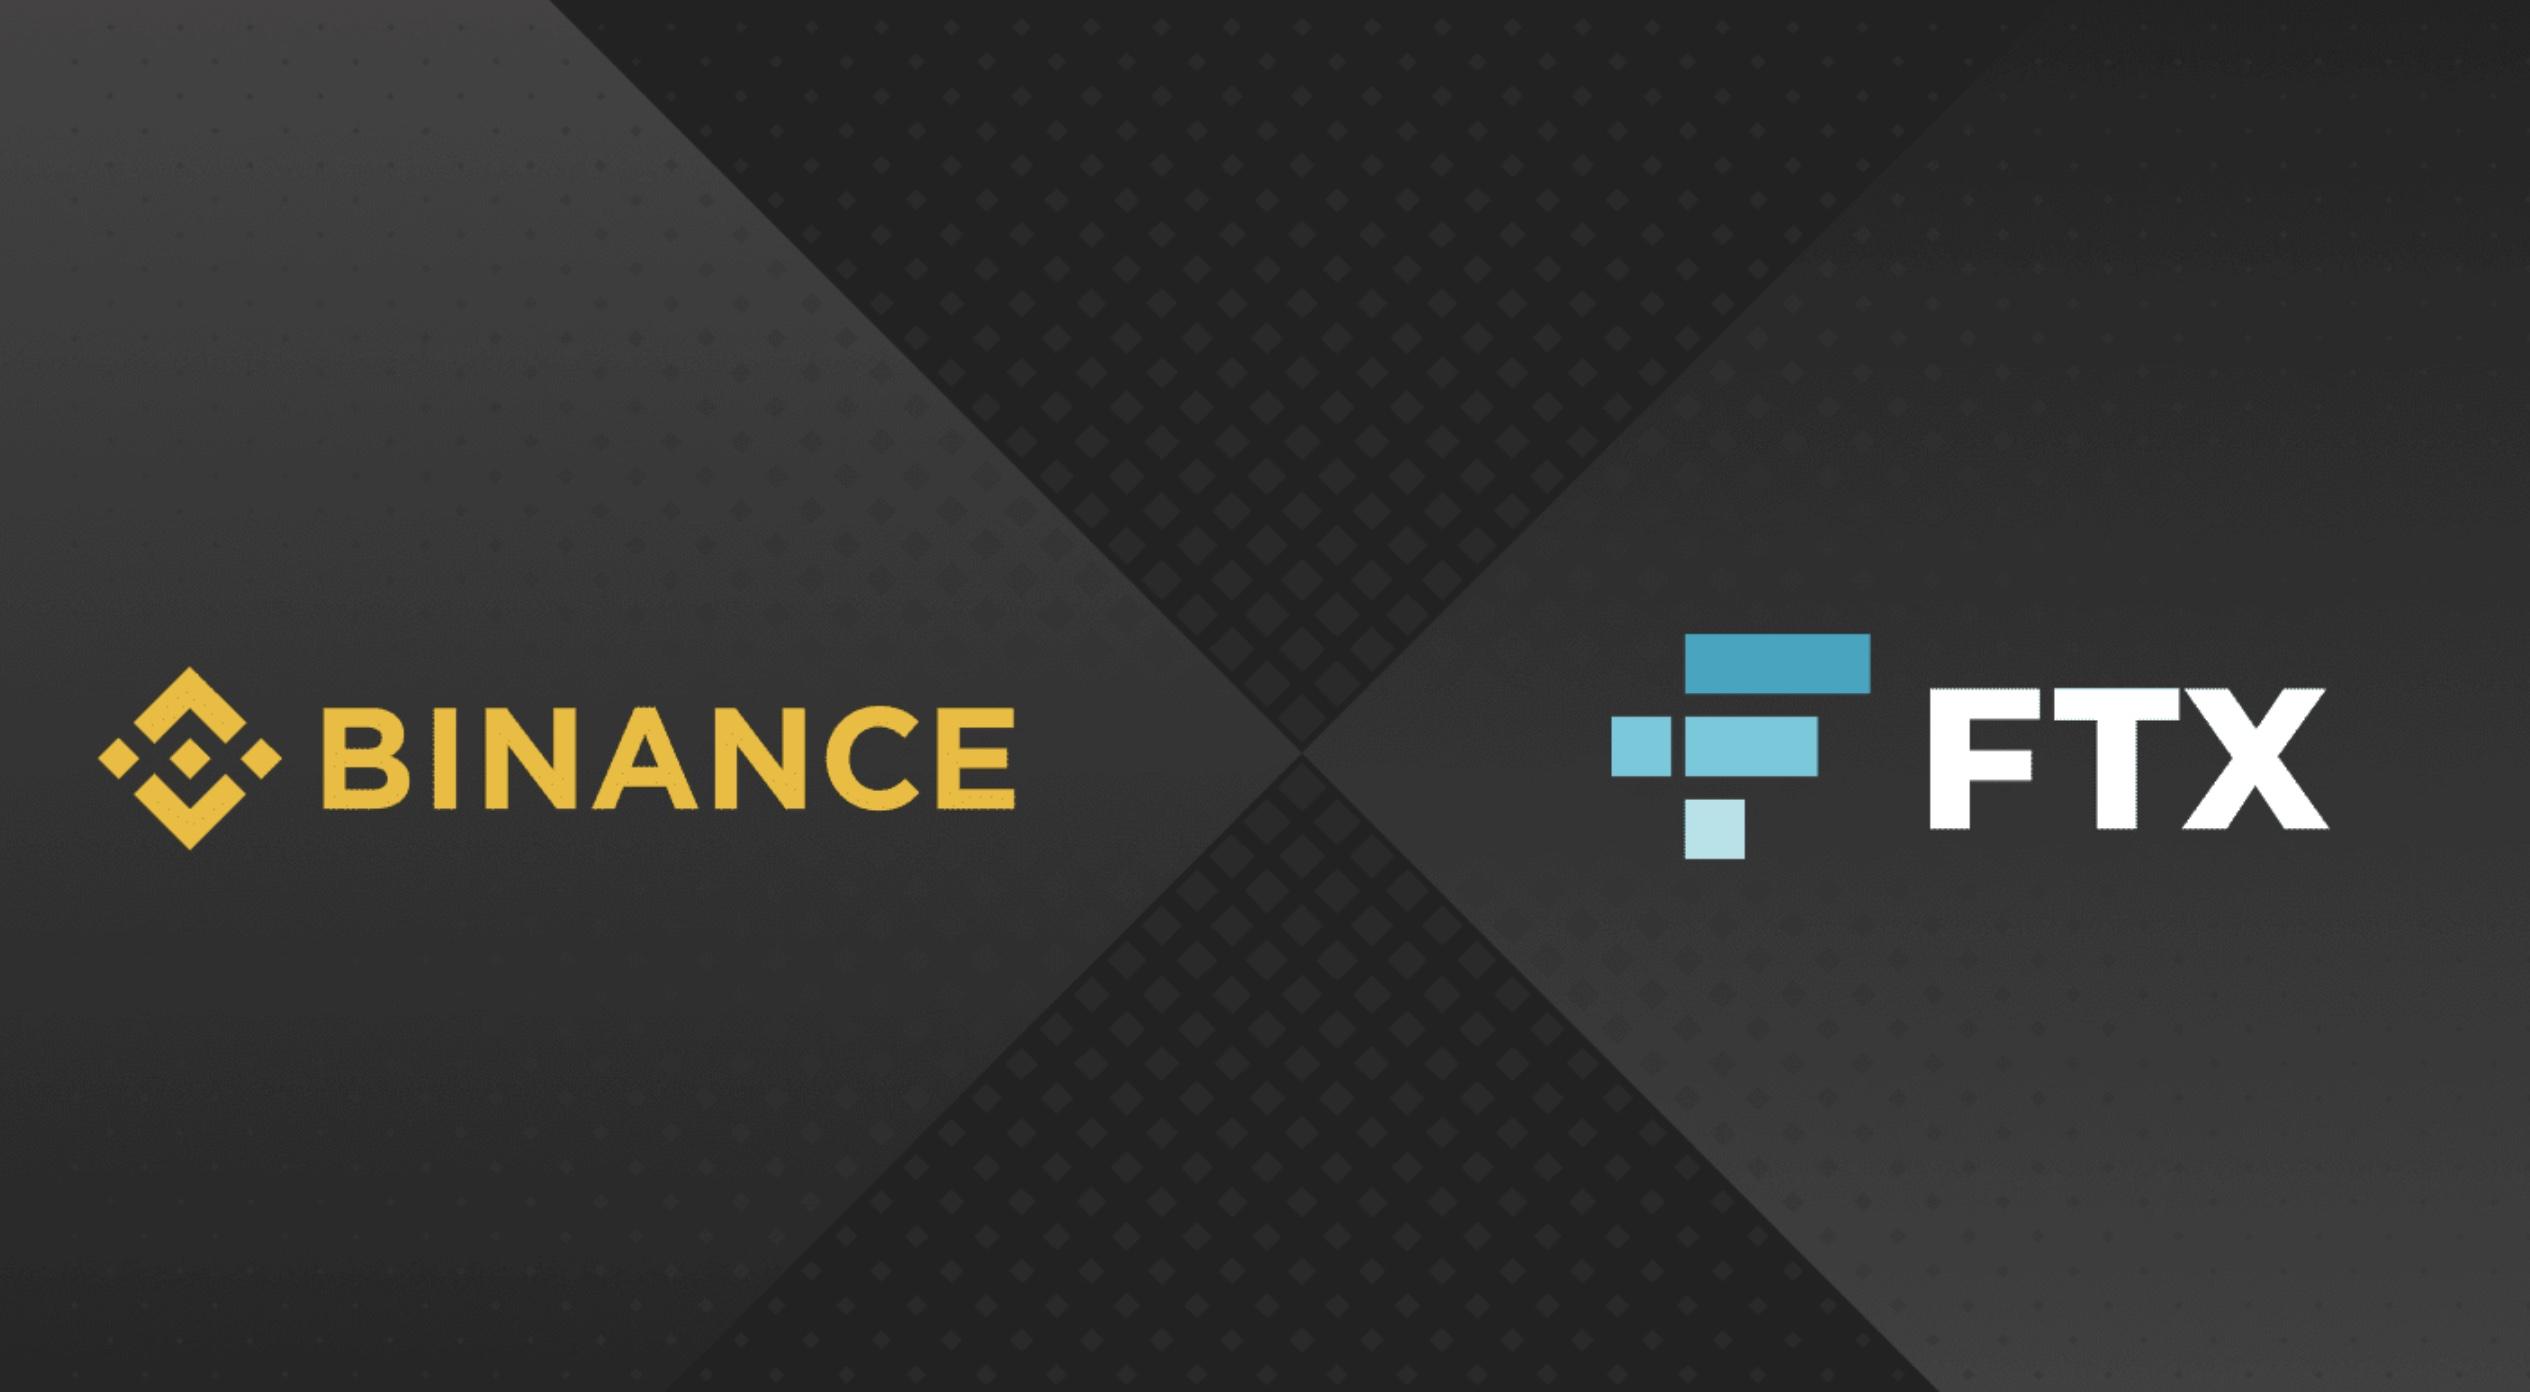 binance - ftx